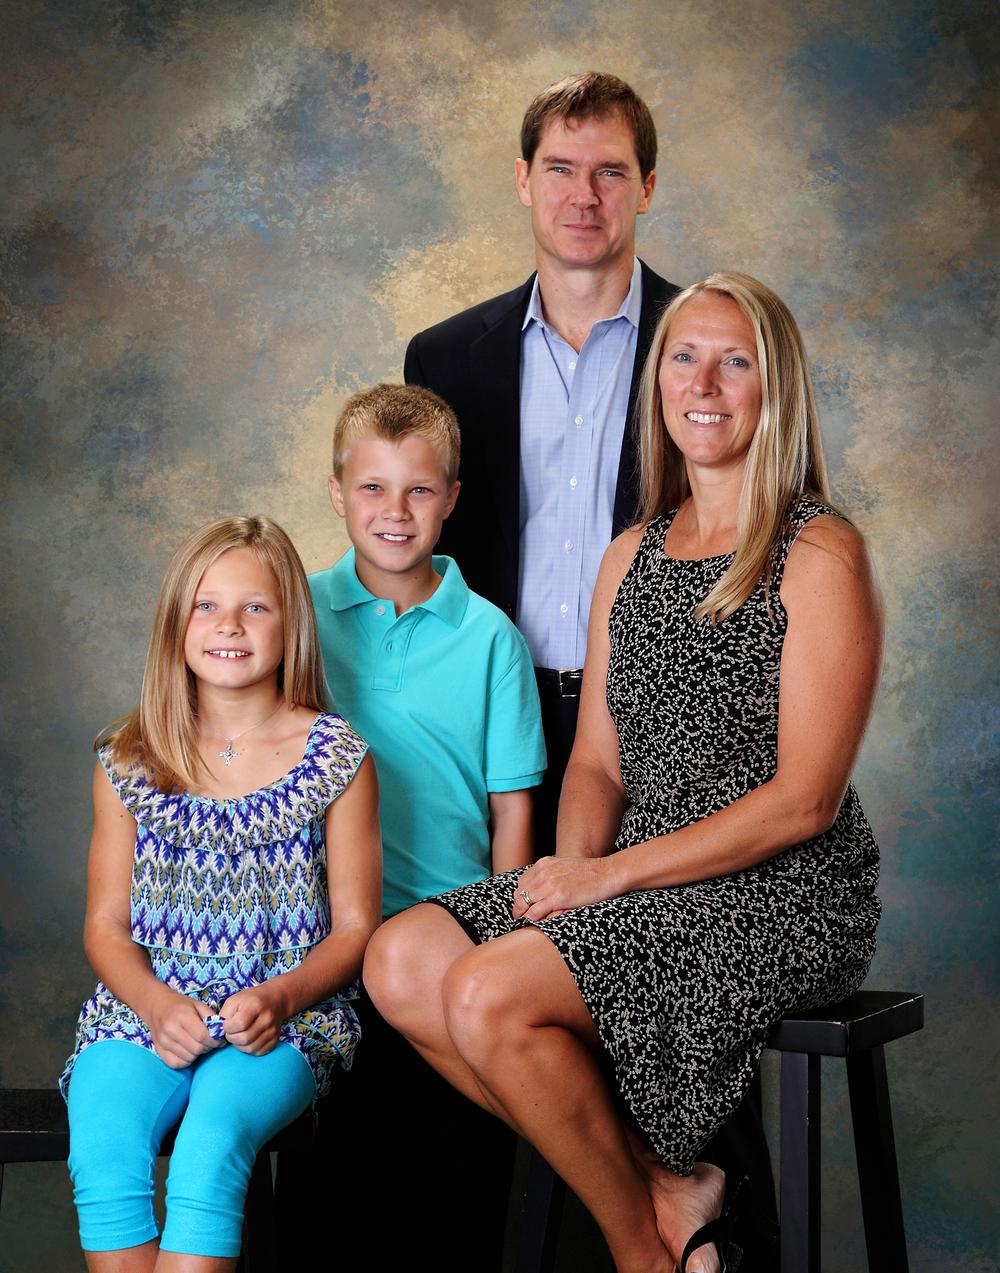 lesko_family_11.jpg